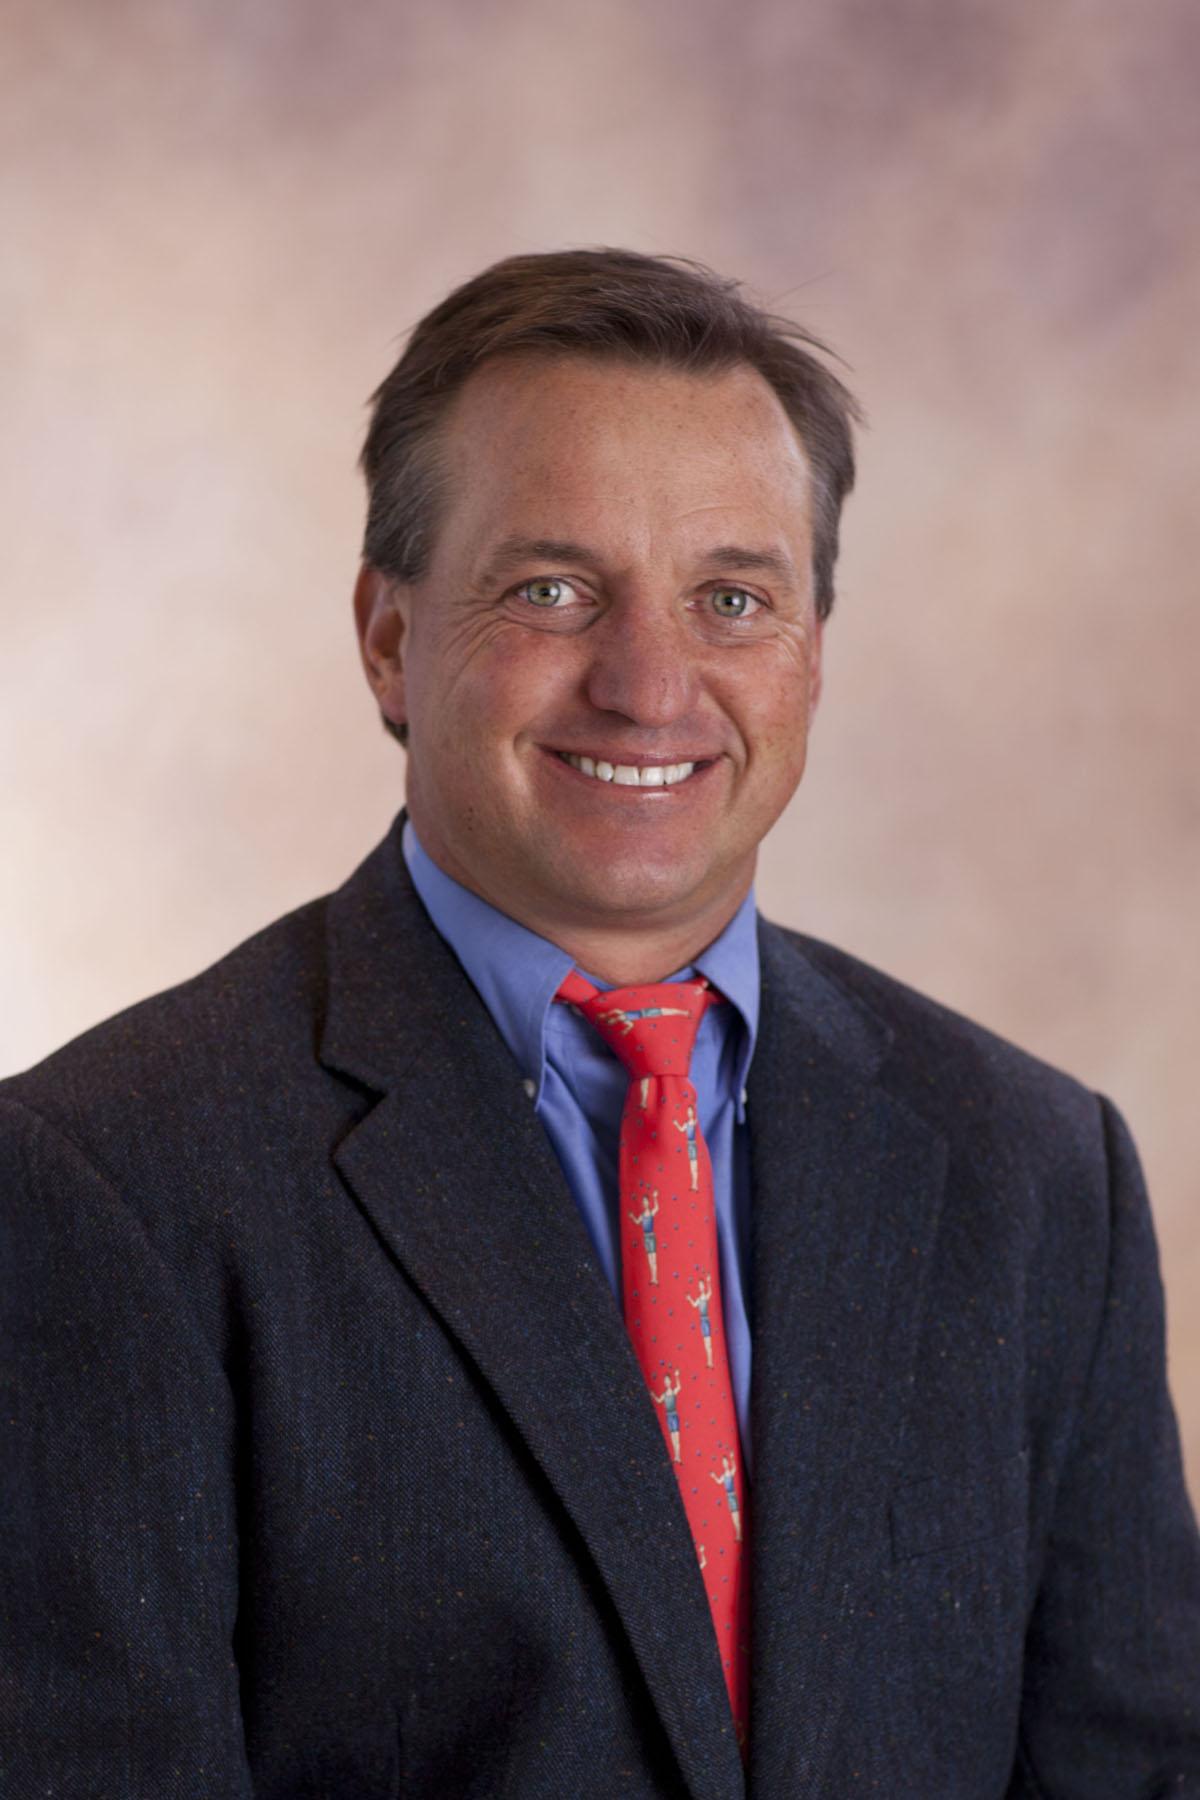 Kevin Holbrook